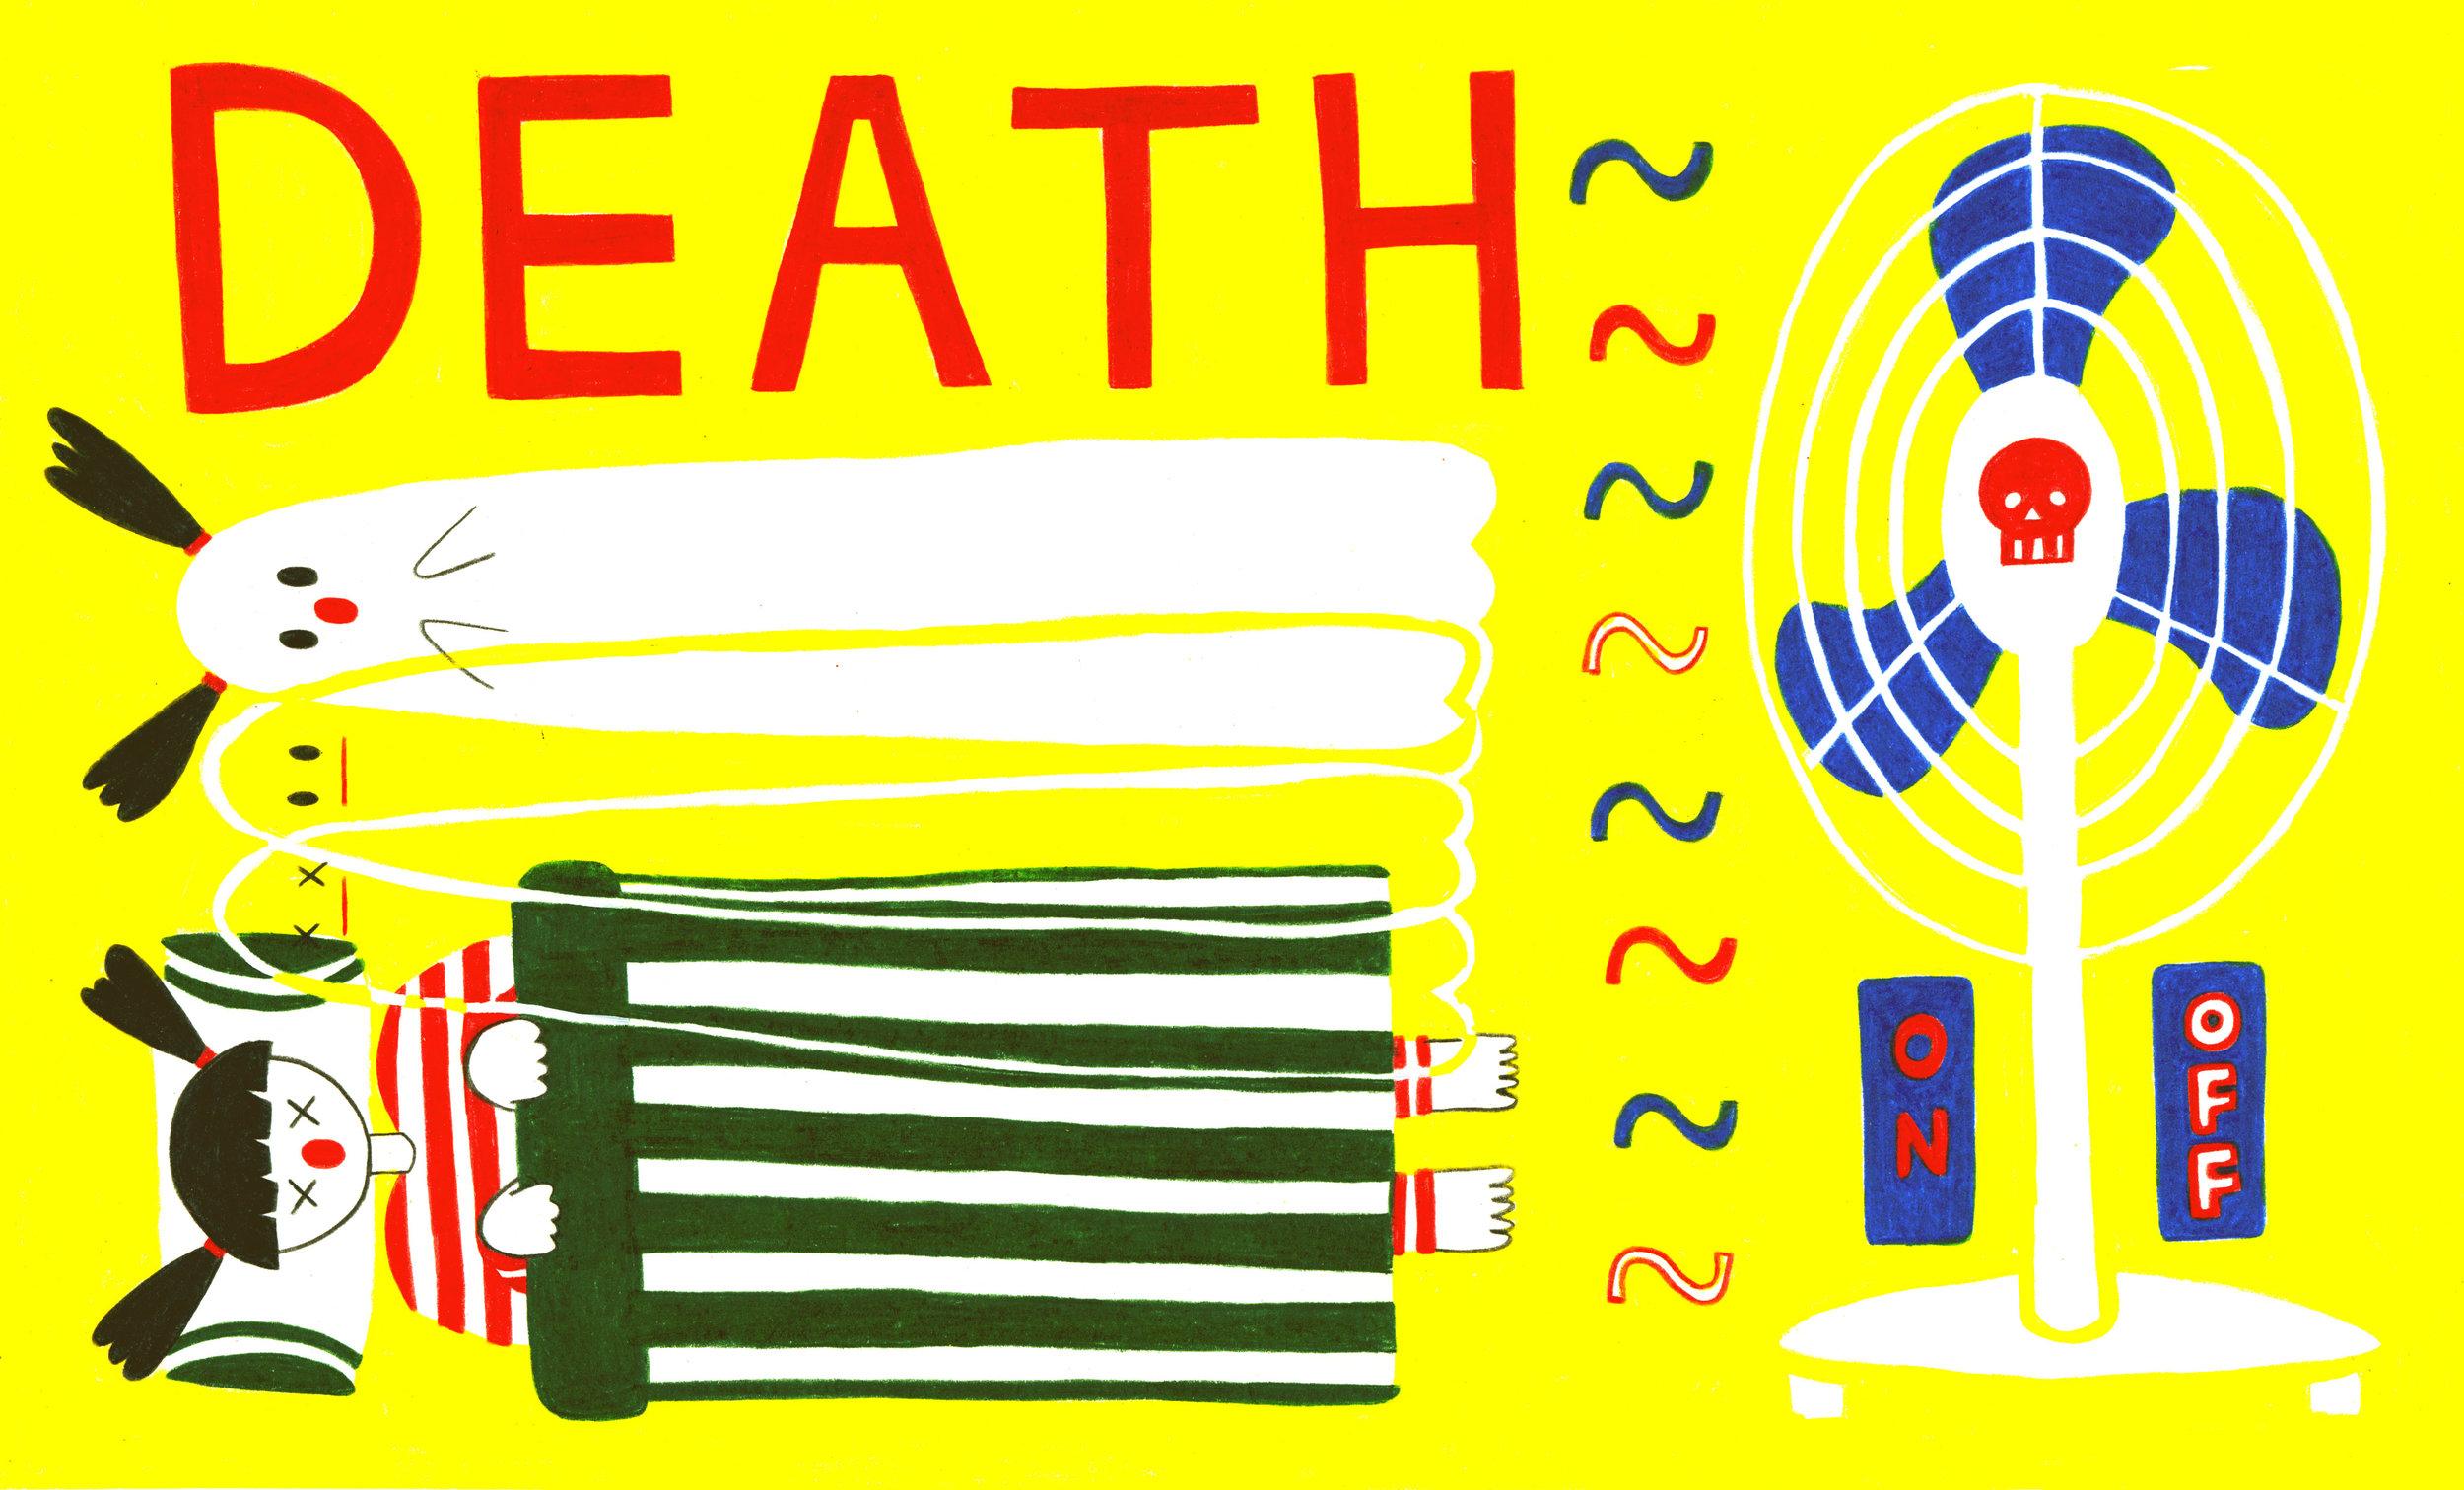 Korean Superstition II: Fan Death